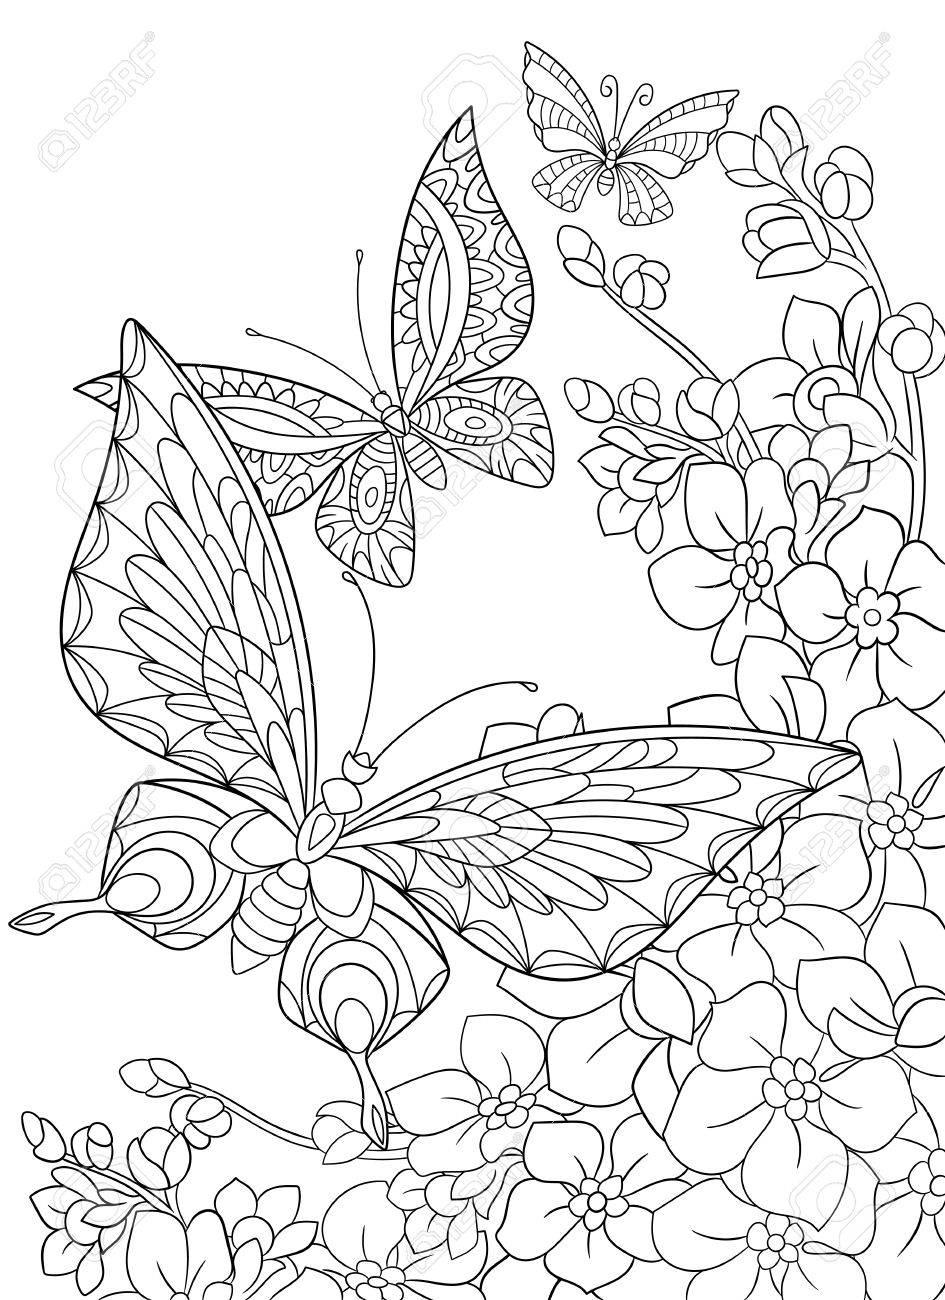 白い背景に分離された様式化された漫画蝶と桜の花大人の抗ストレス